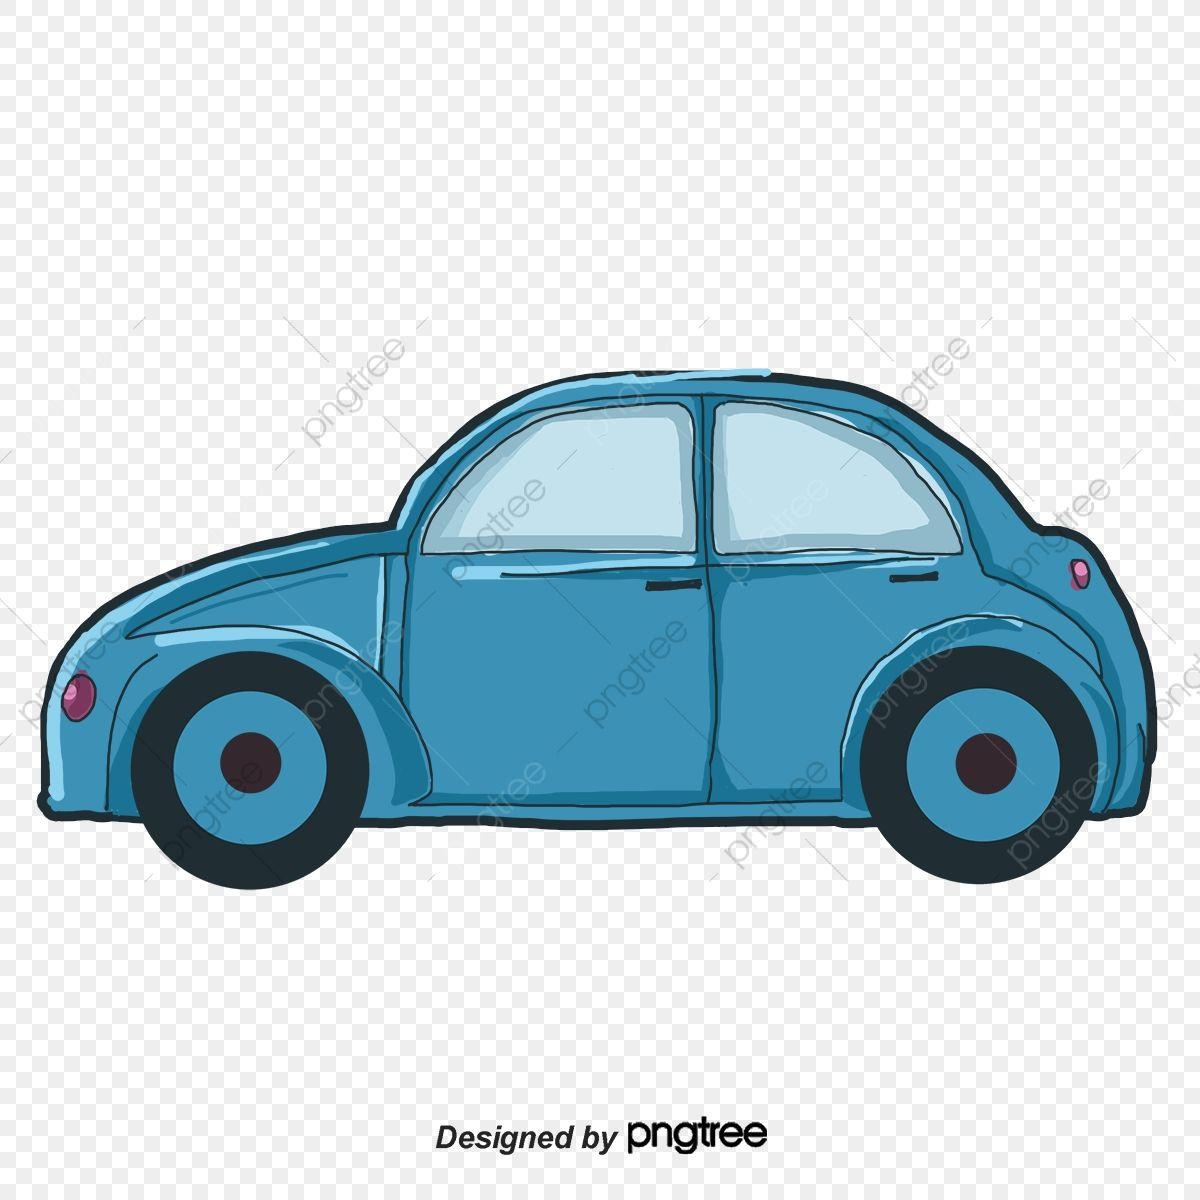 Voiture Jaune Voiture De Dessin Anime Voiture Classique Illustration De La Voiture Voiture Jouet Pour Enfants Transport Vehicule A Moteur Png Et Vecteur Pour Car Illustration Car Cartoon Yellow Car